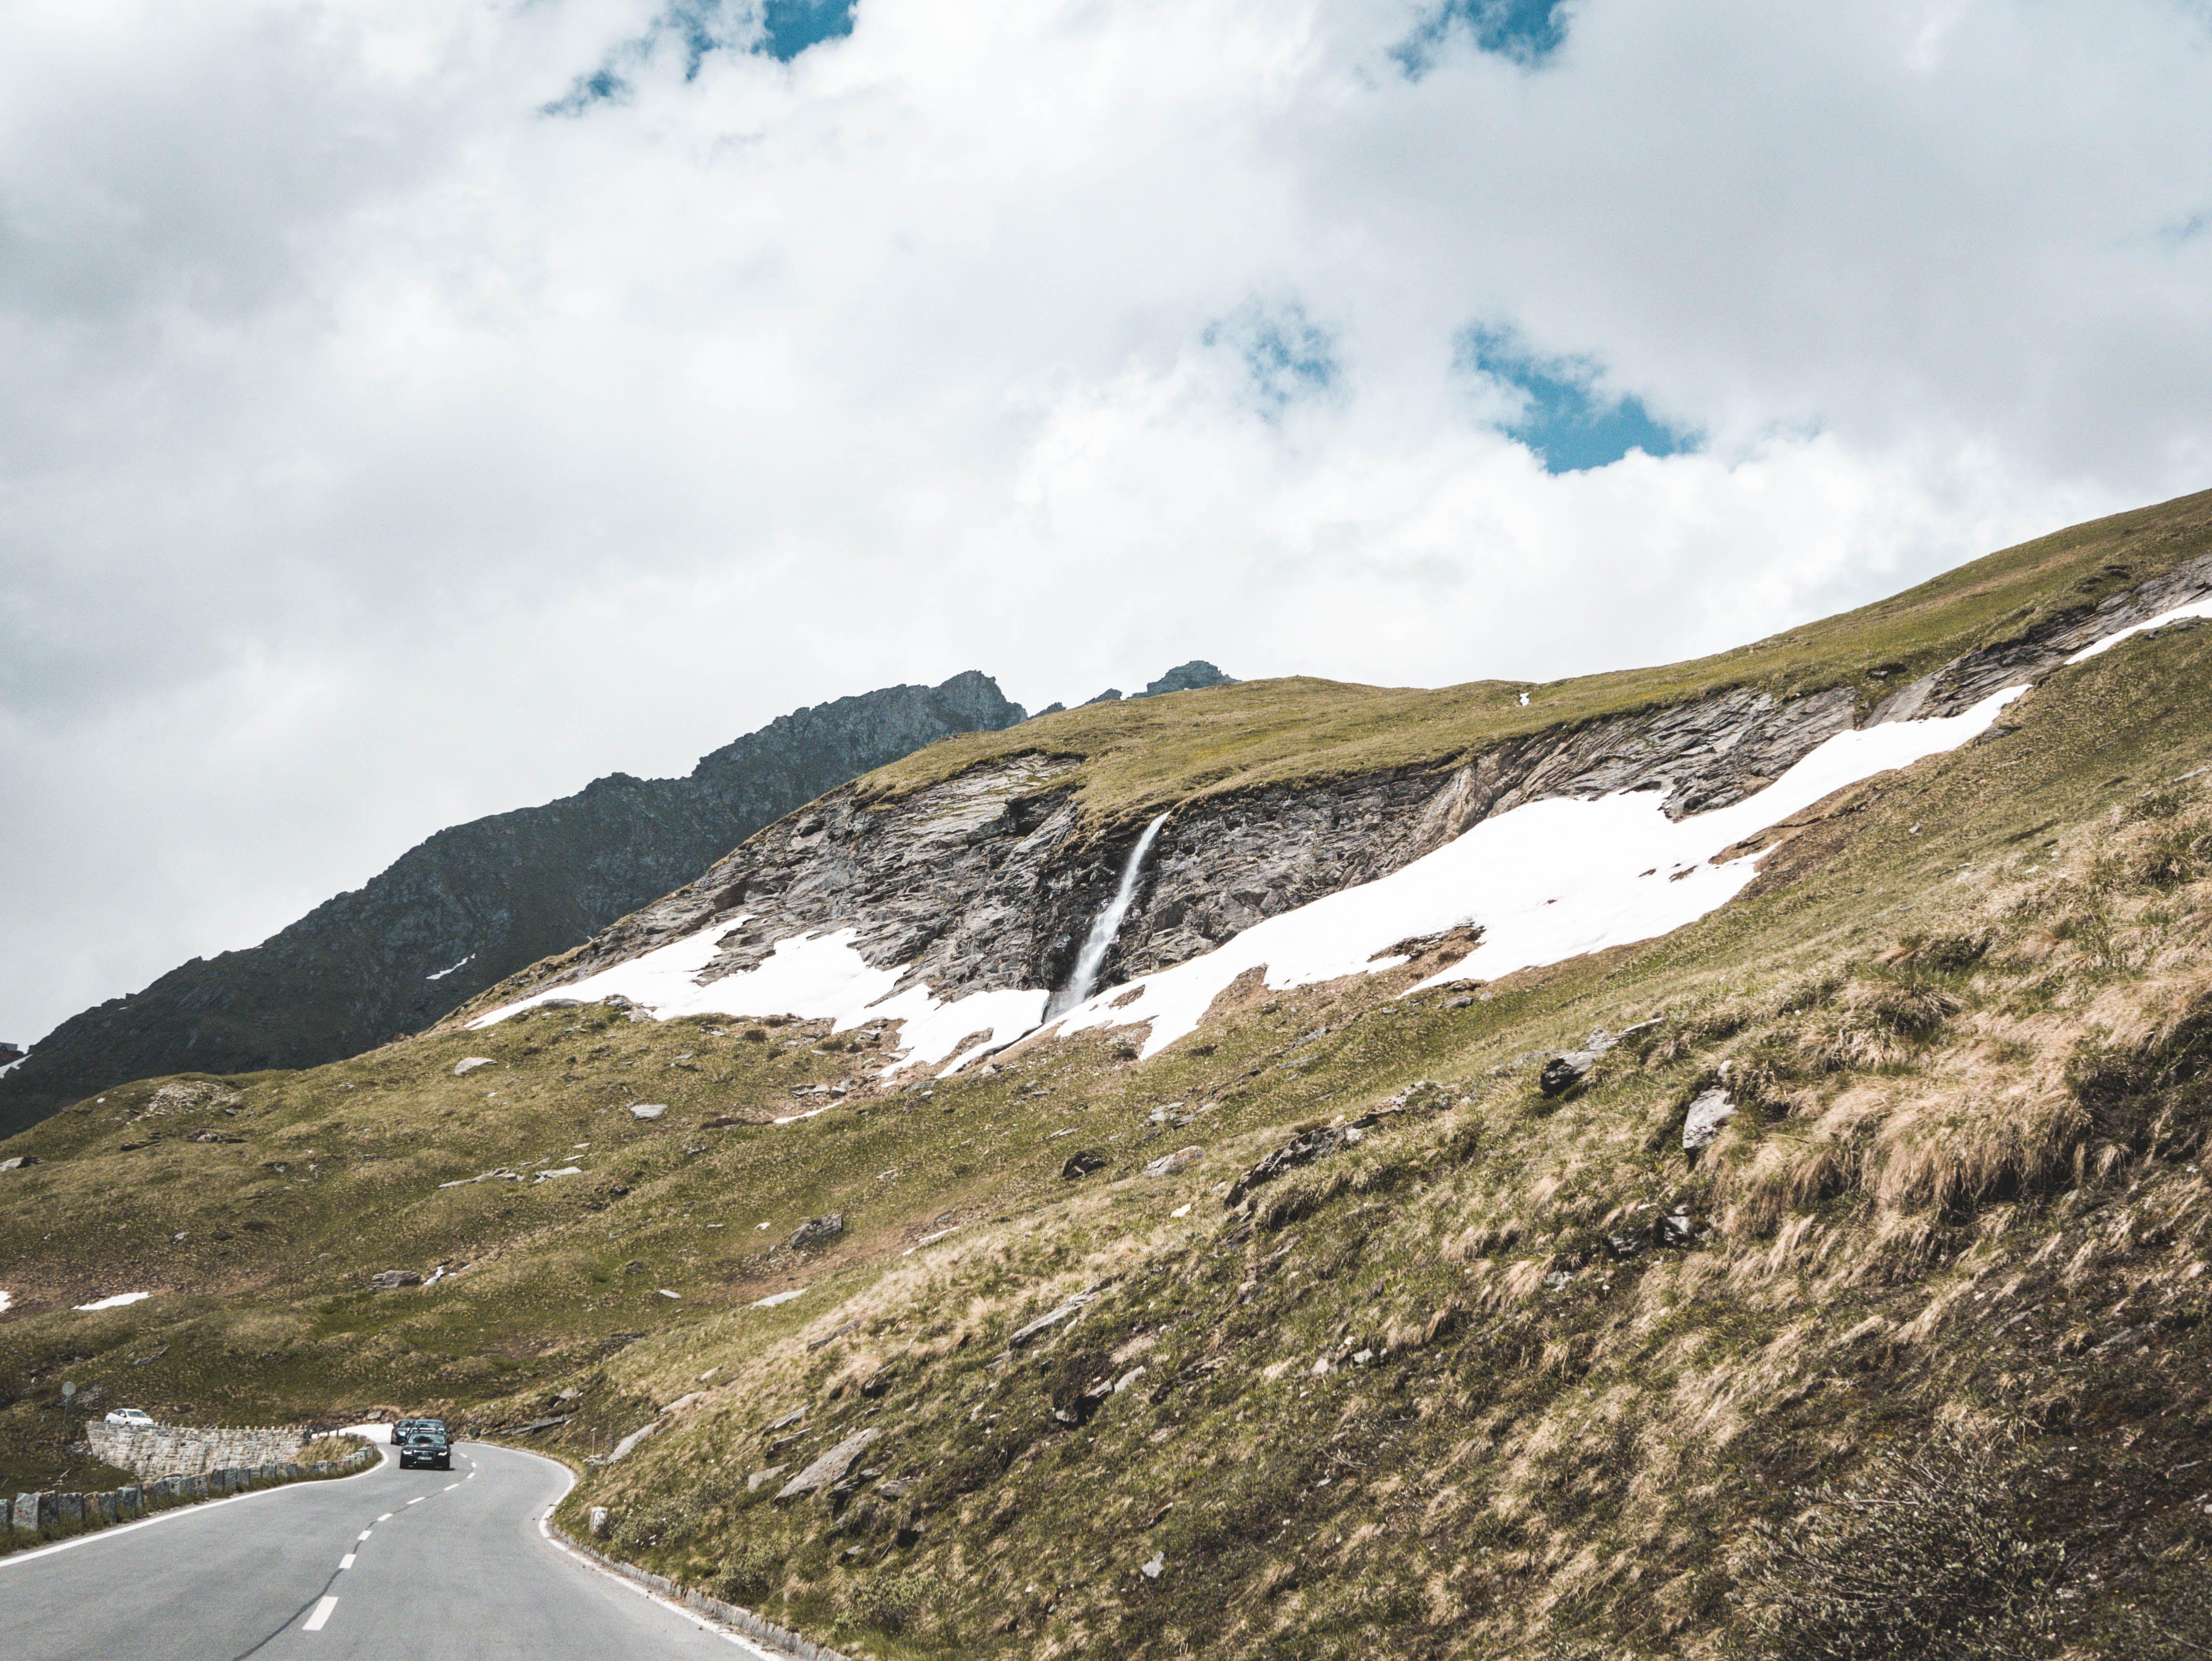 αλπικός, άσφαλτος, Αυστρία